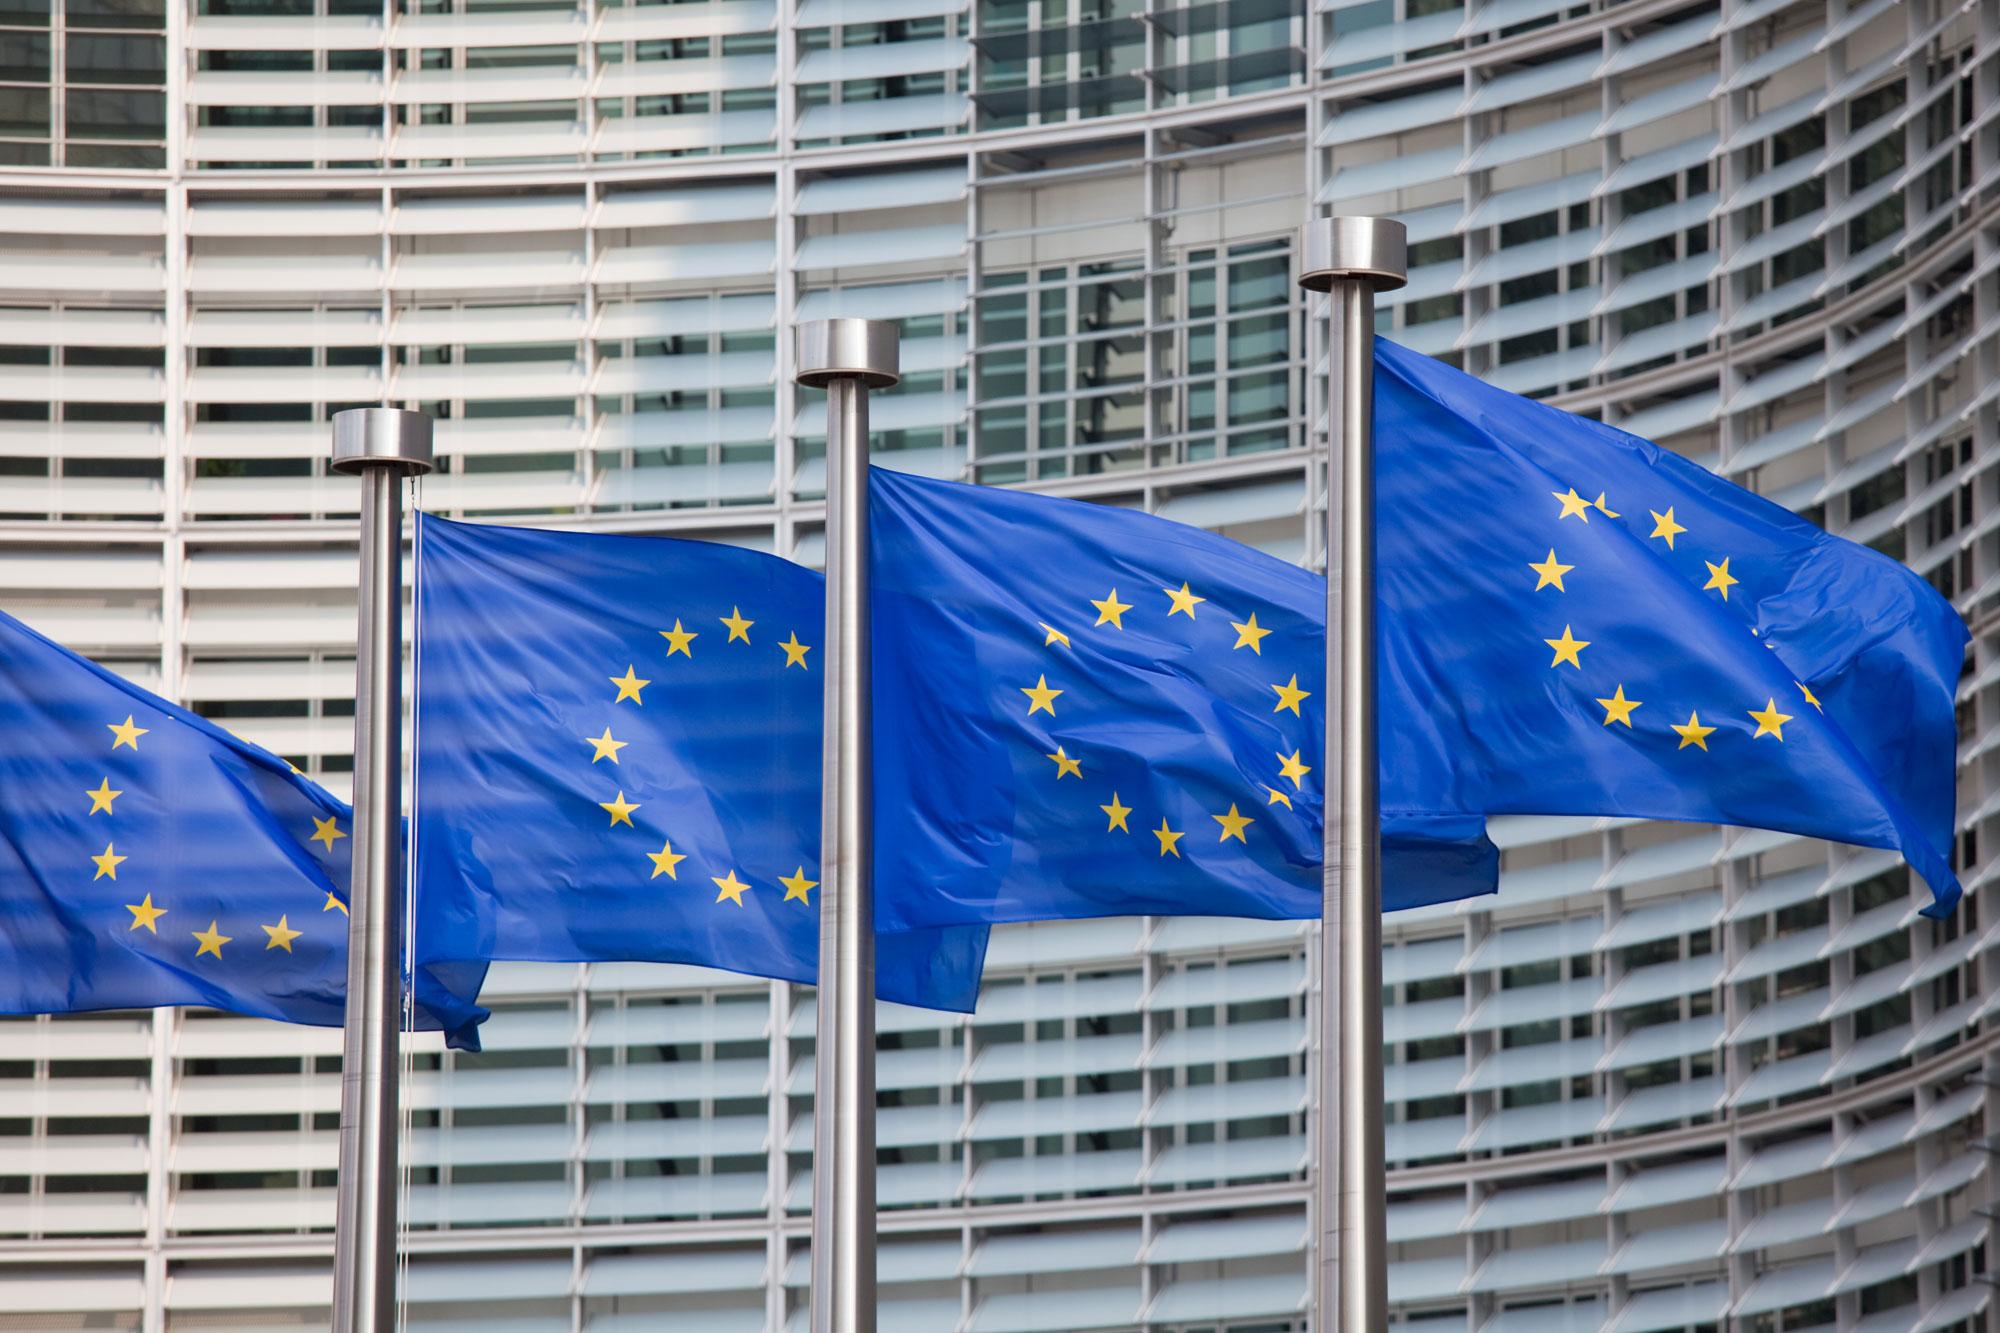 Gruppo Lavoro Service - Distribuzione Partnership europea Bari